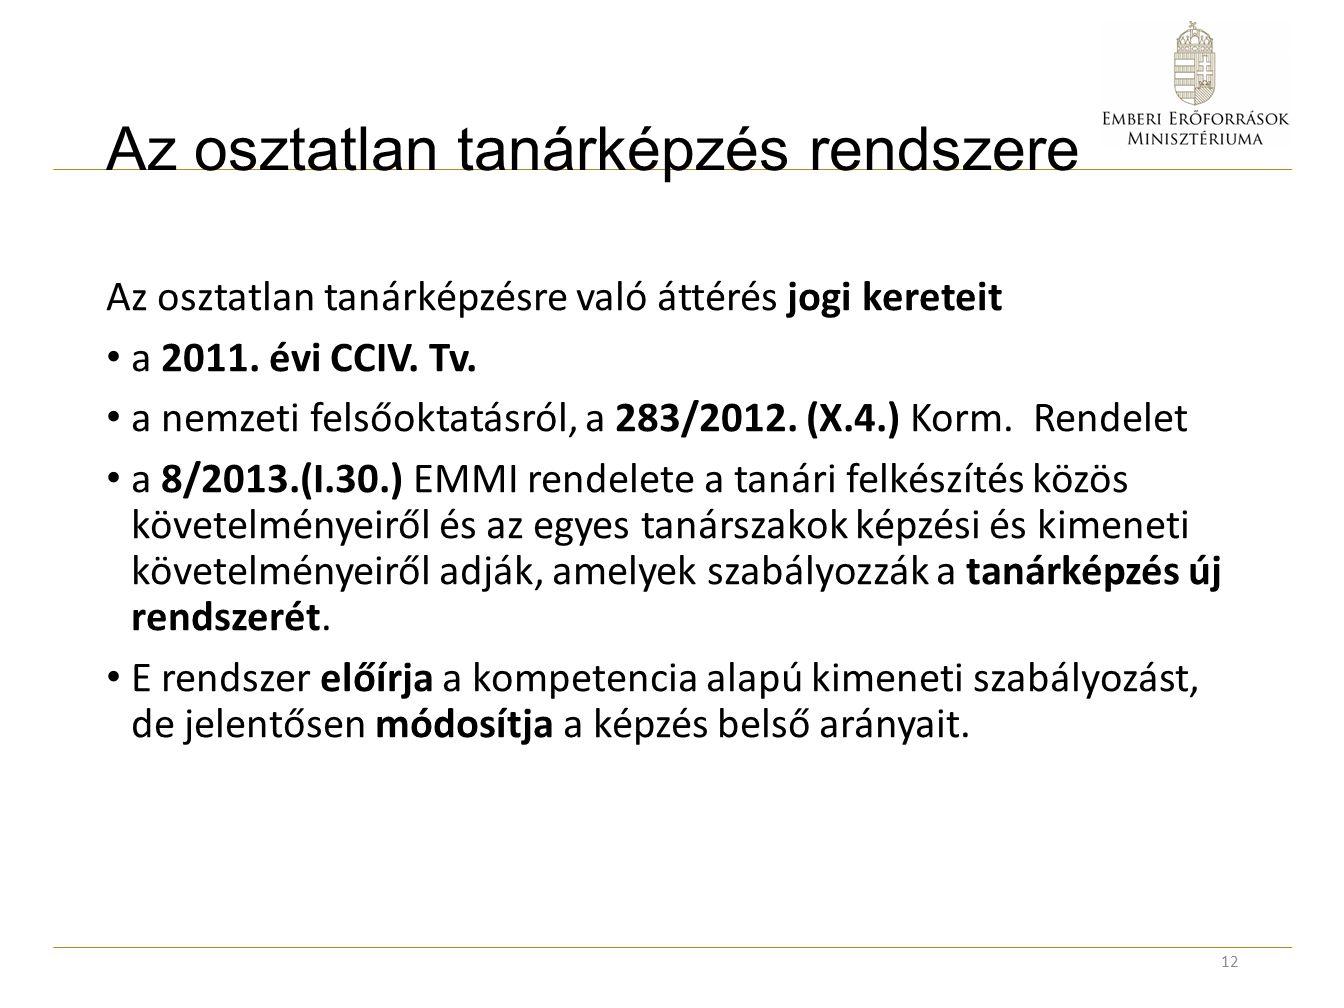 Az osztatlan tanárképzés rendszere Az osztatlan tanárképzésre való áttérés jogi kereteit a 2011. évi CCIV. Tv. a nemzeti felsőoktatásról, a 283/2012.